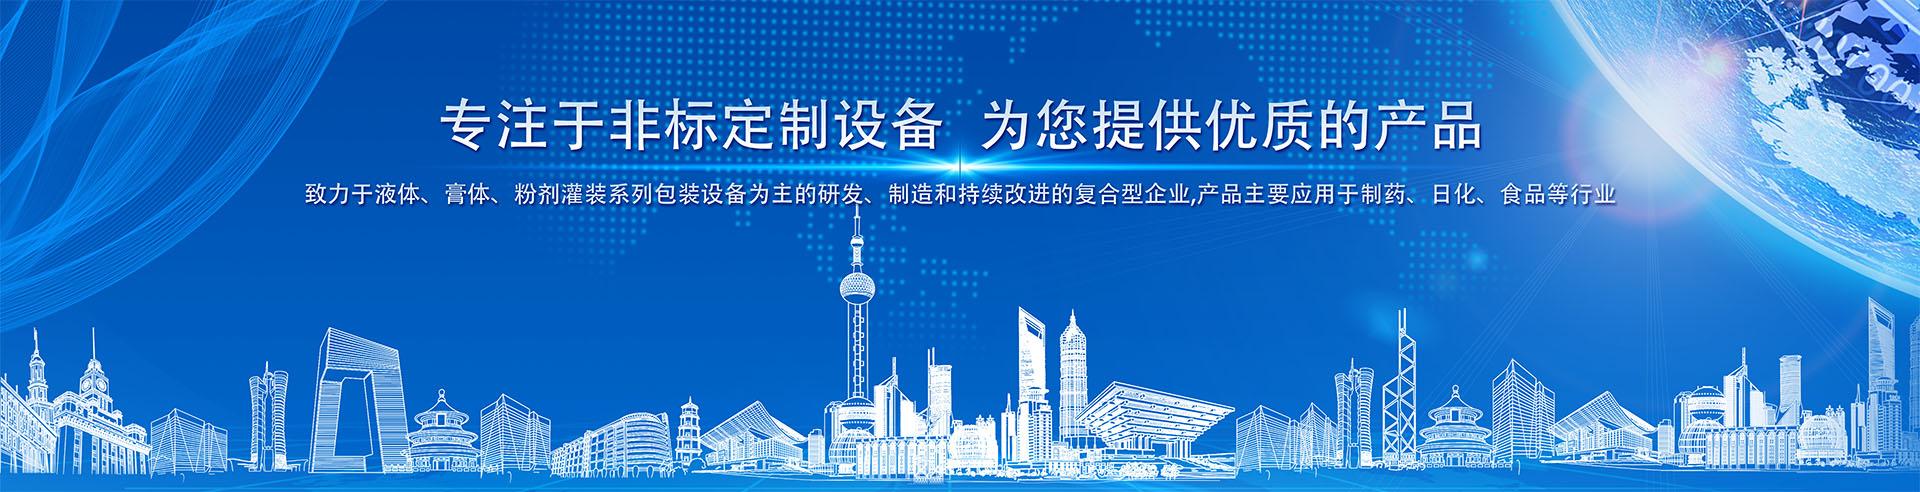 上海贵兴包装设备有限公司